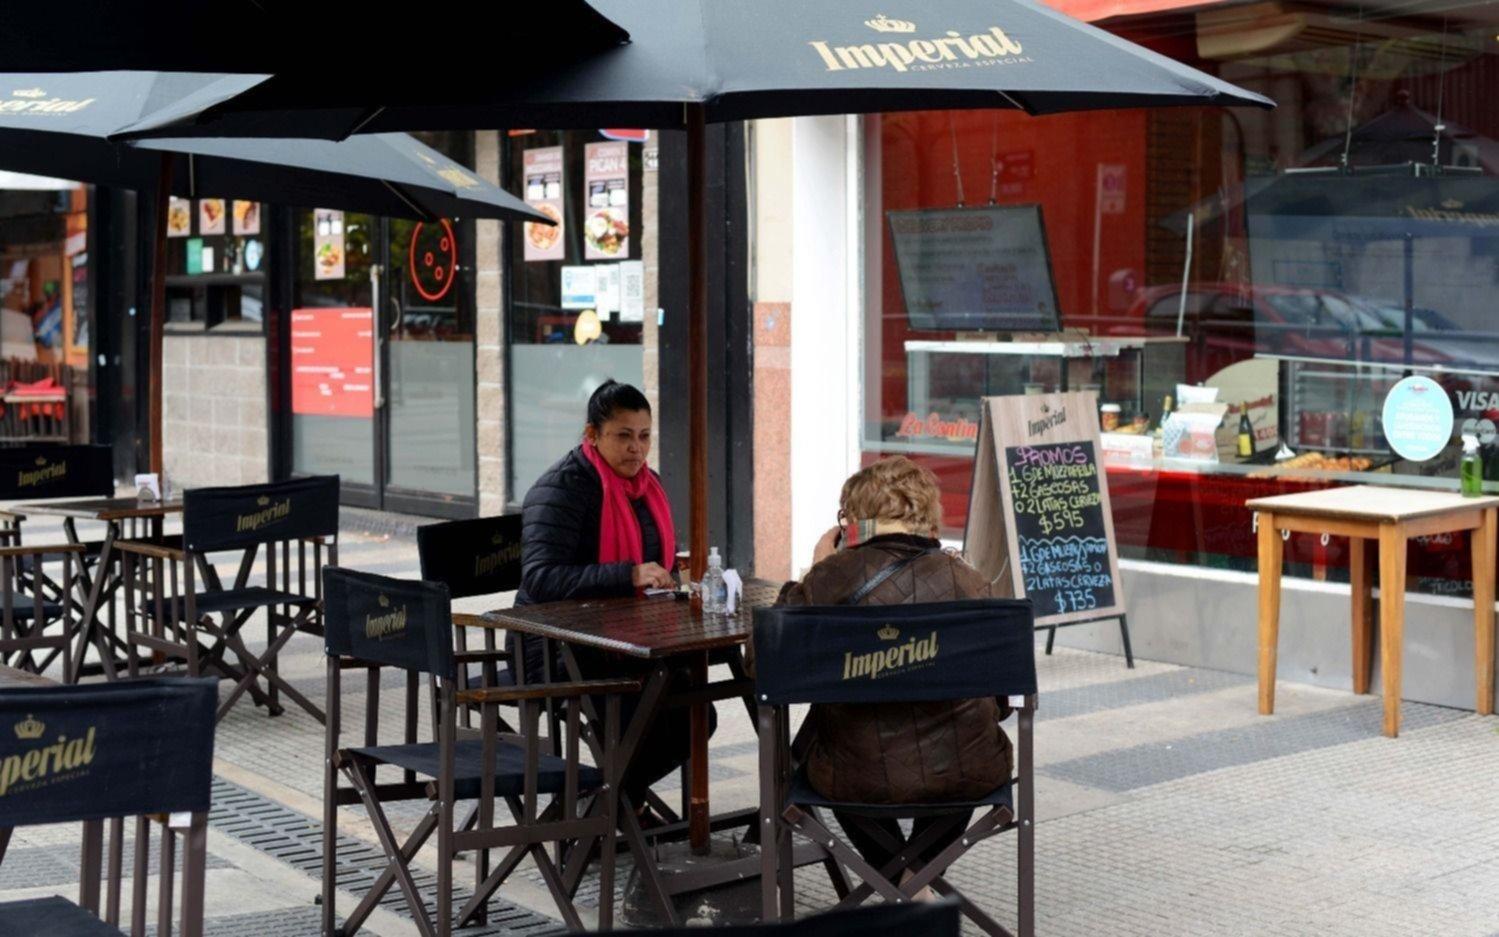 Hotelería y gastronomía perdió el doble de empleos que otros rubros de la economía